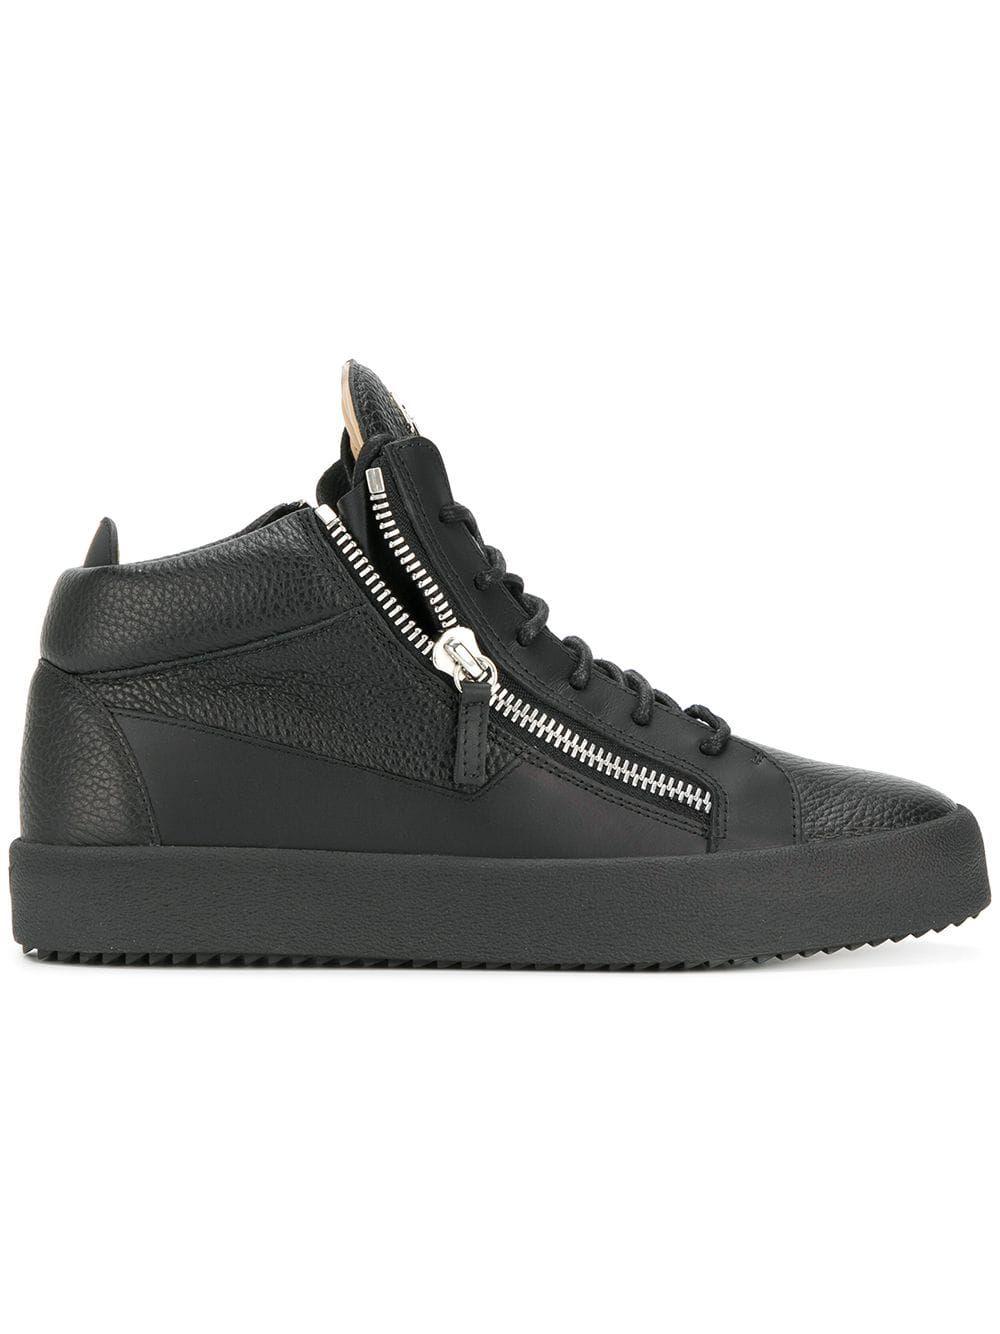 Giuseppe Zanotti Design Kriss sneakers Black in 2019